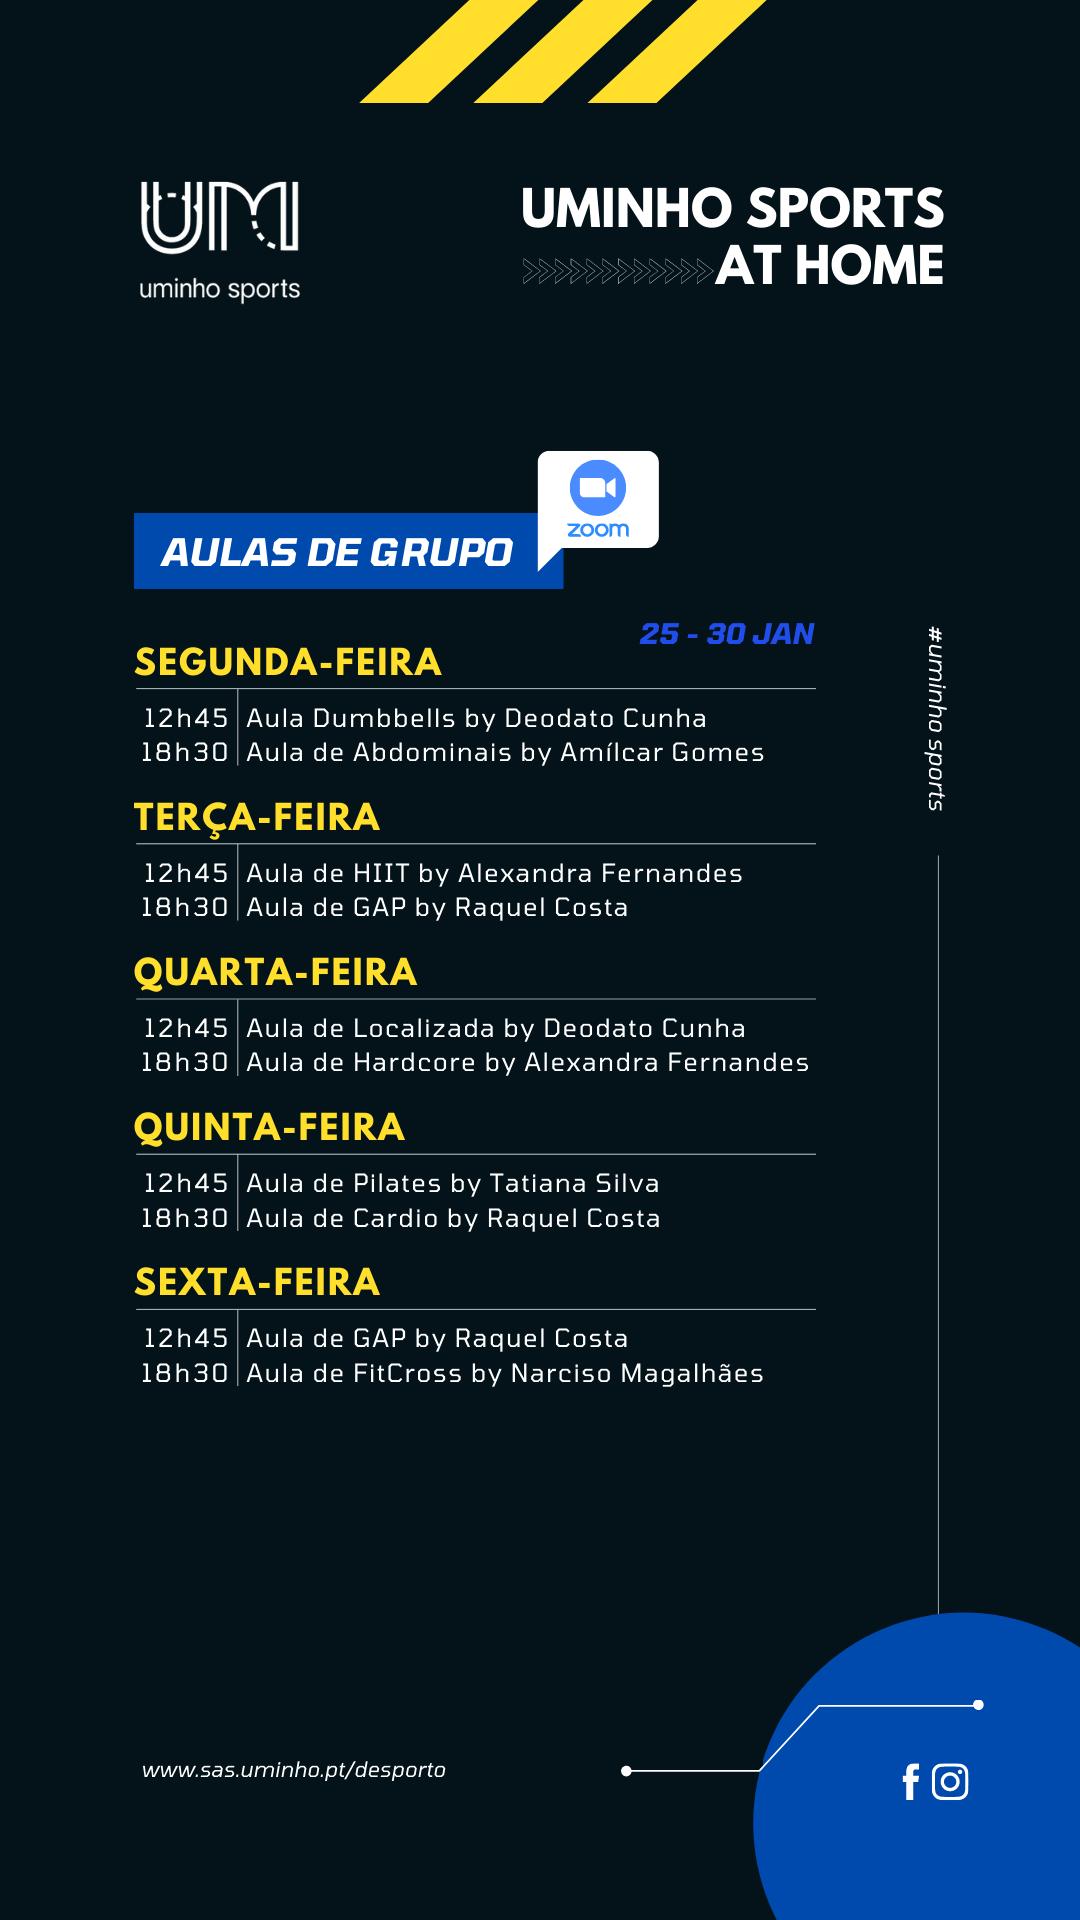 Agenda - 25 a 30 de janeiro (grupos)